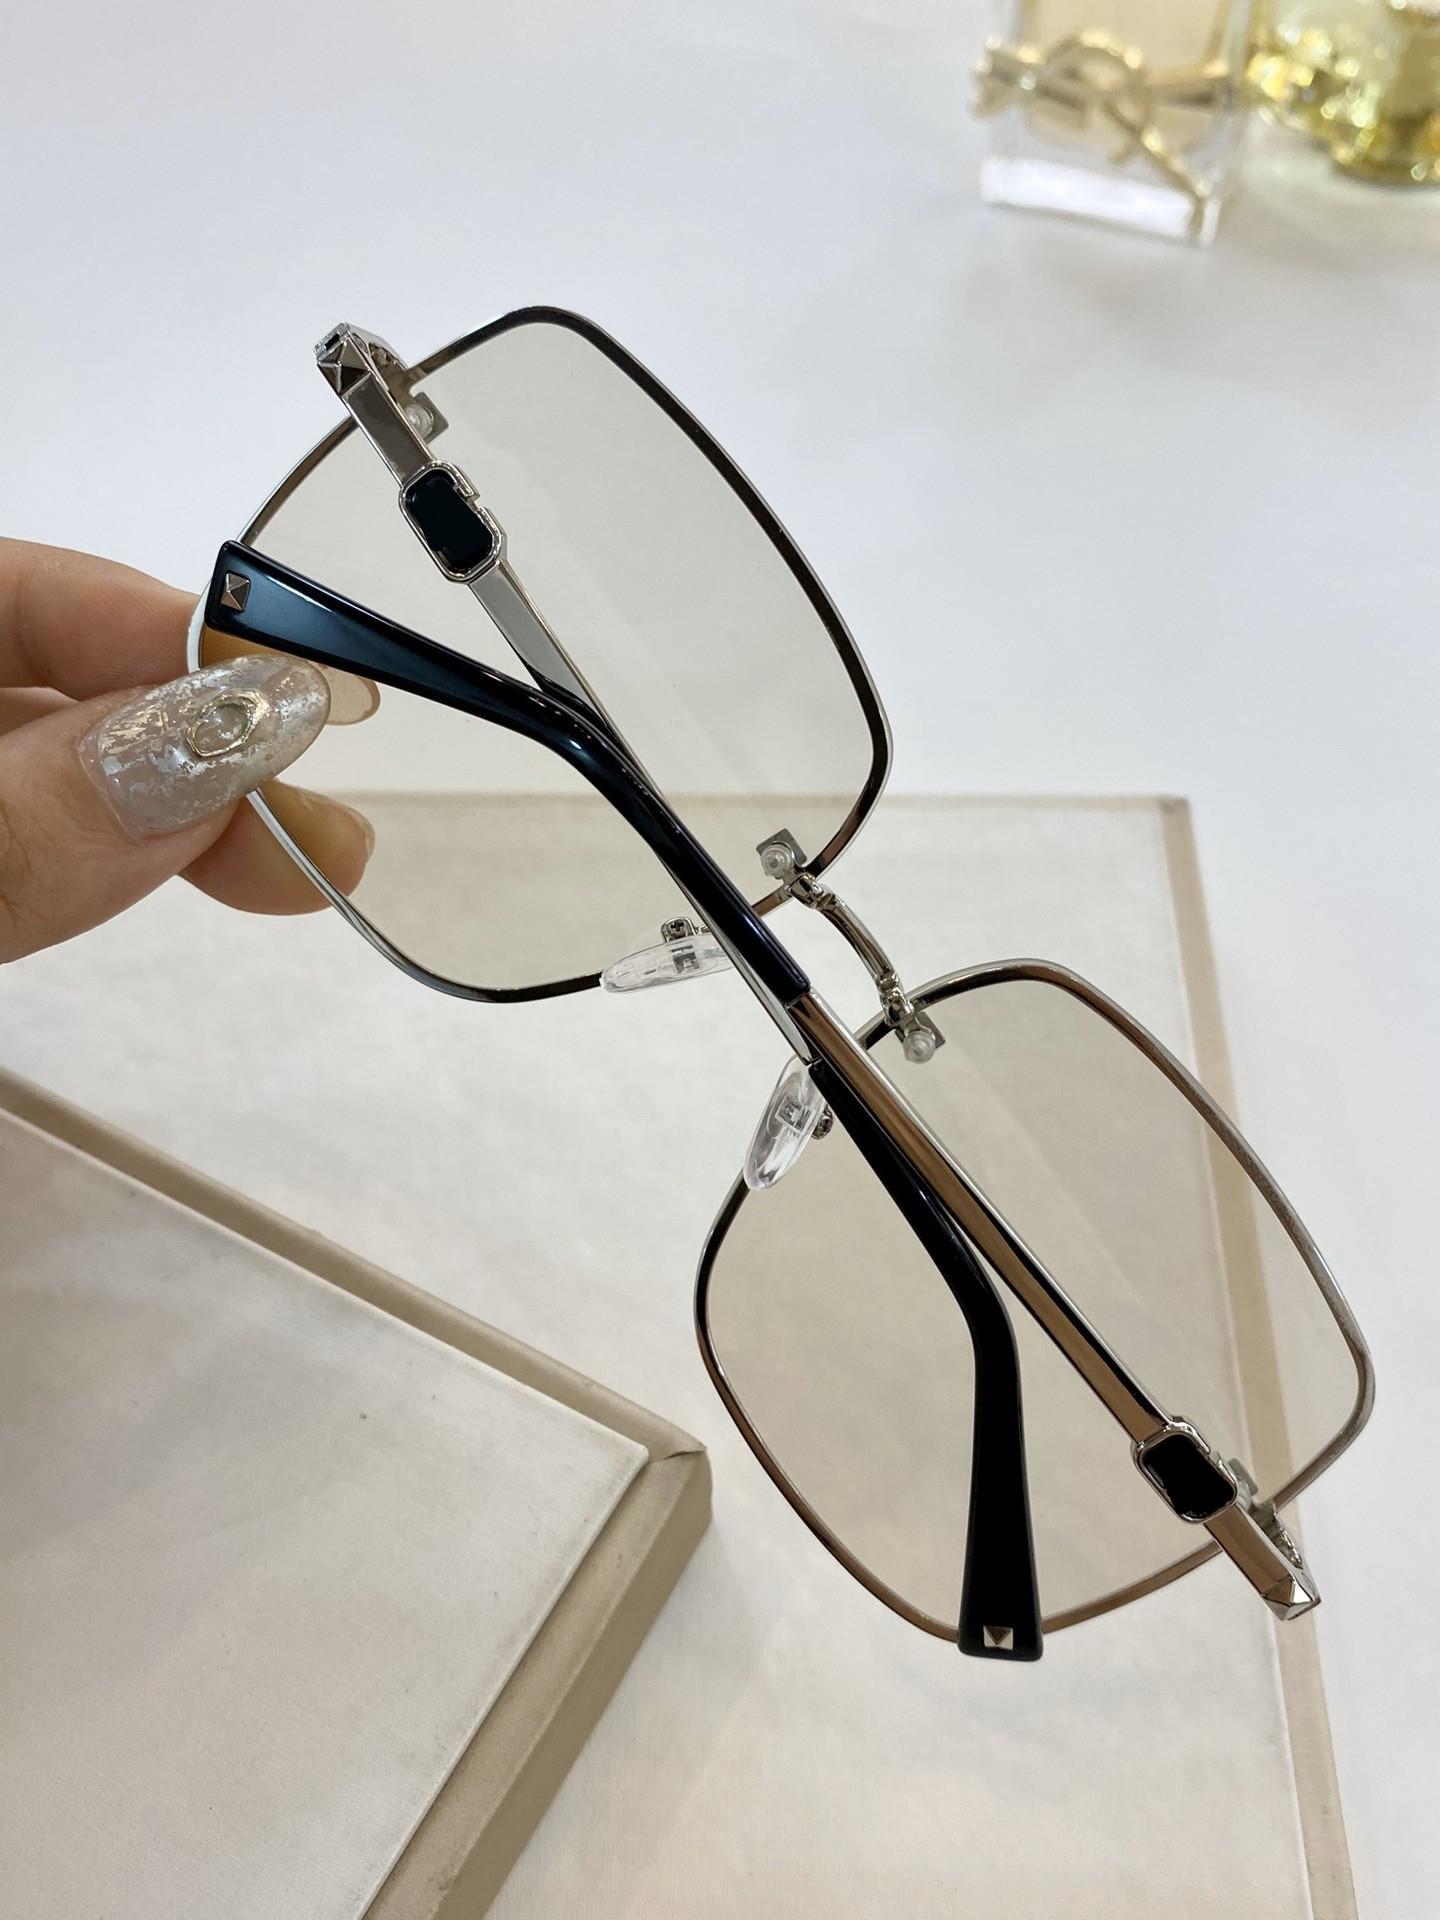 2021 جديد الأوروبية والأمريكية نظارات شمسية برشام نمط النظارات الشمسية نظارات الأزياء نظارات VA4072 حجم 61 * 15-140